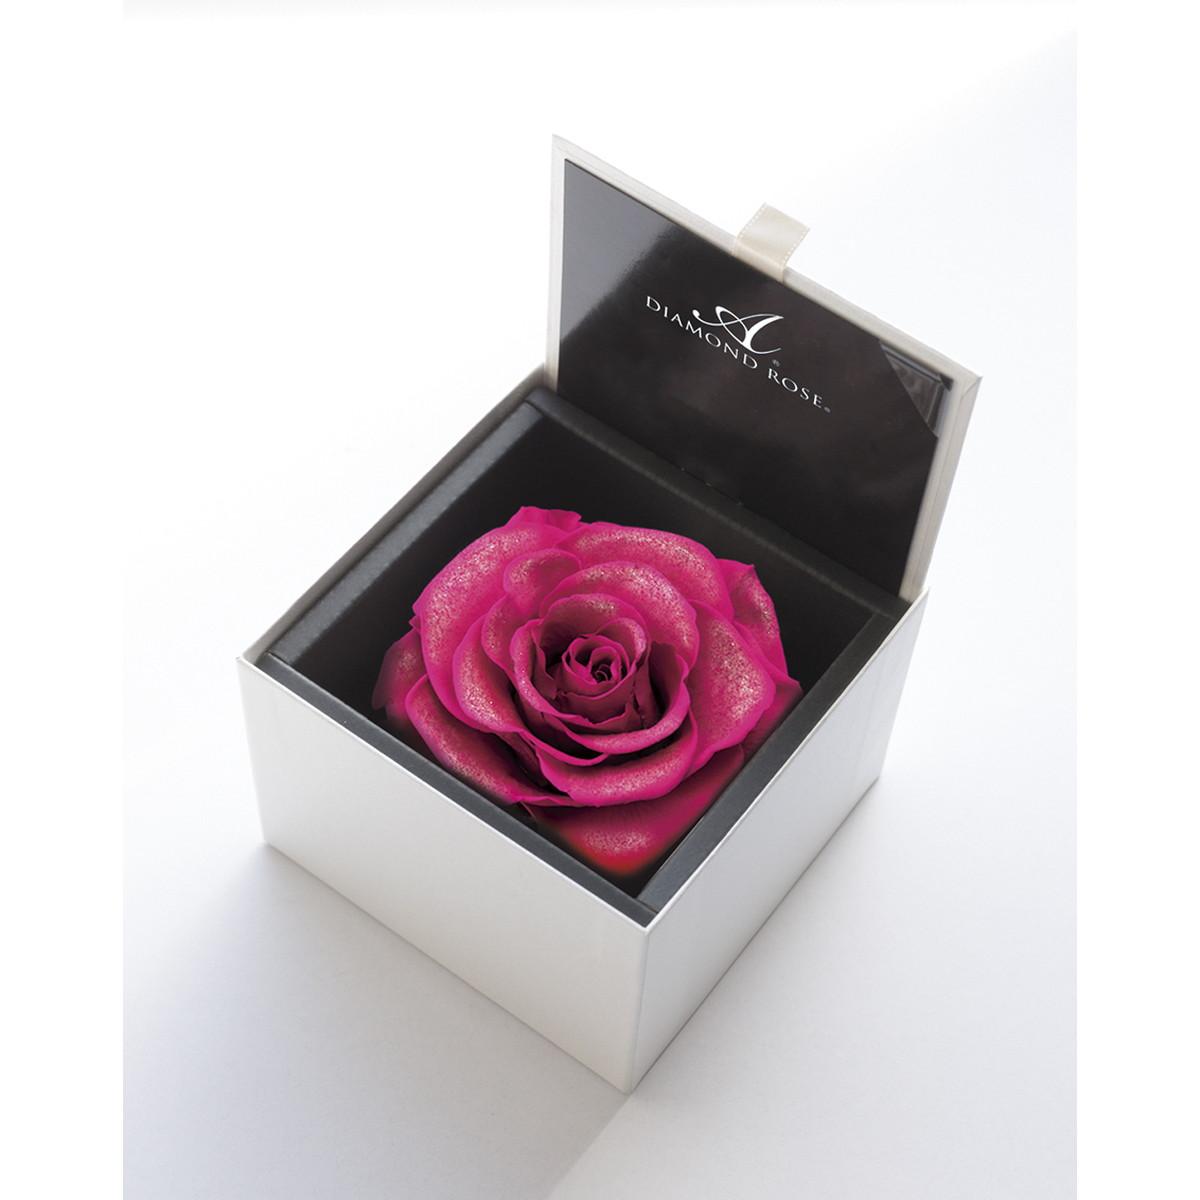 【プリザーブドフラワー】アモローサ/ダイヤモンドローズボックス 105(箱:ホワイト) ホットピンク/1206-12【07】【取寄】[6箱]